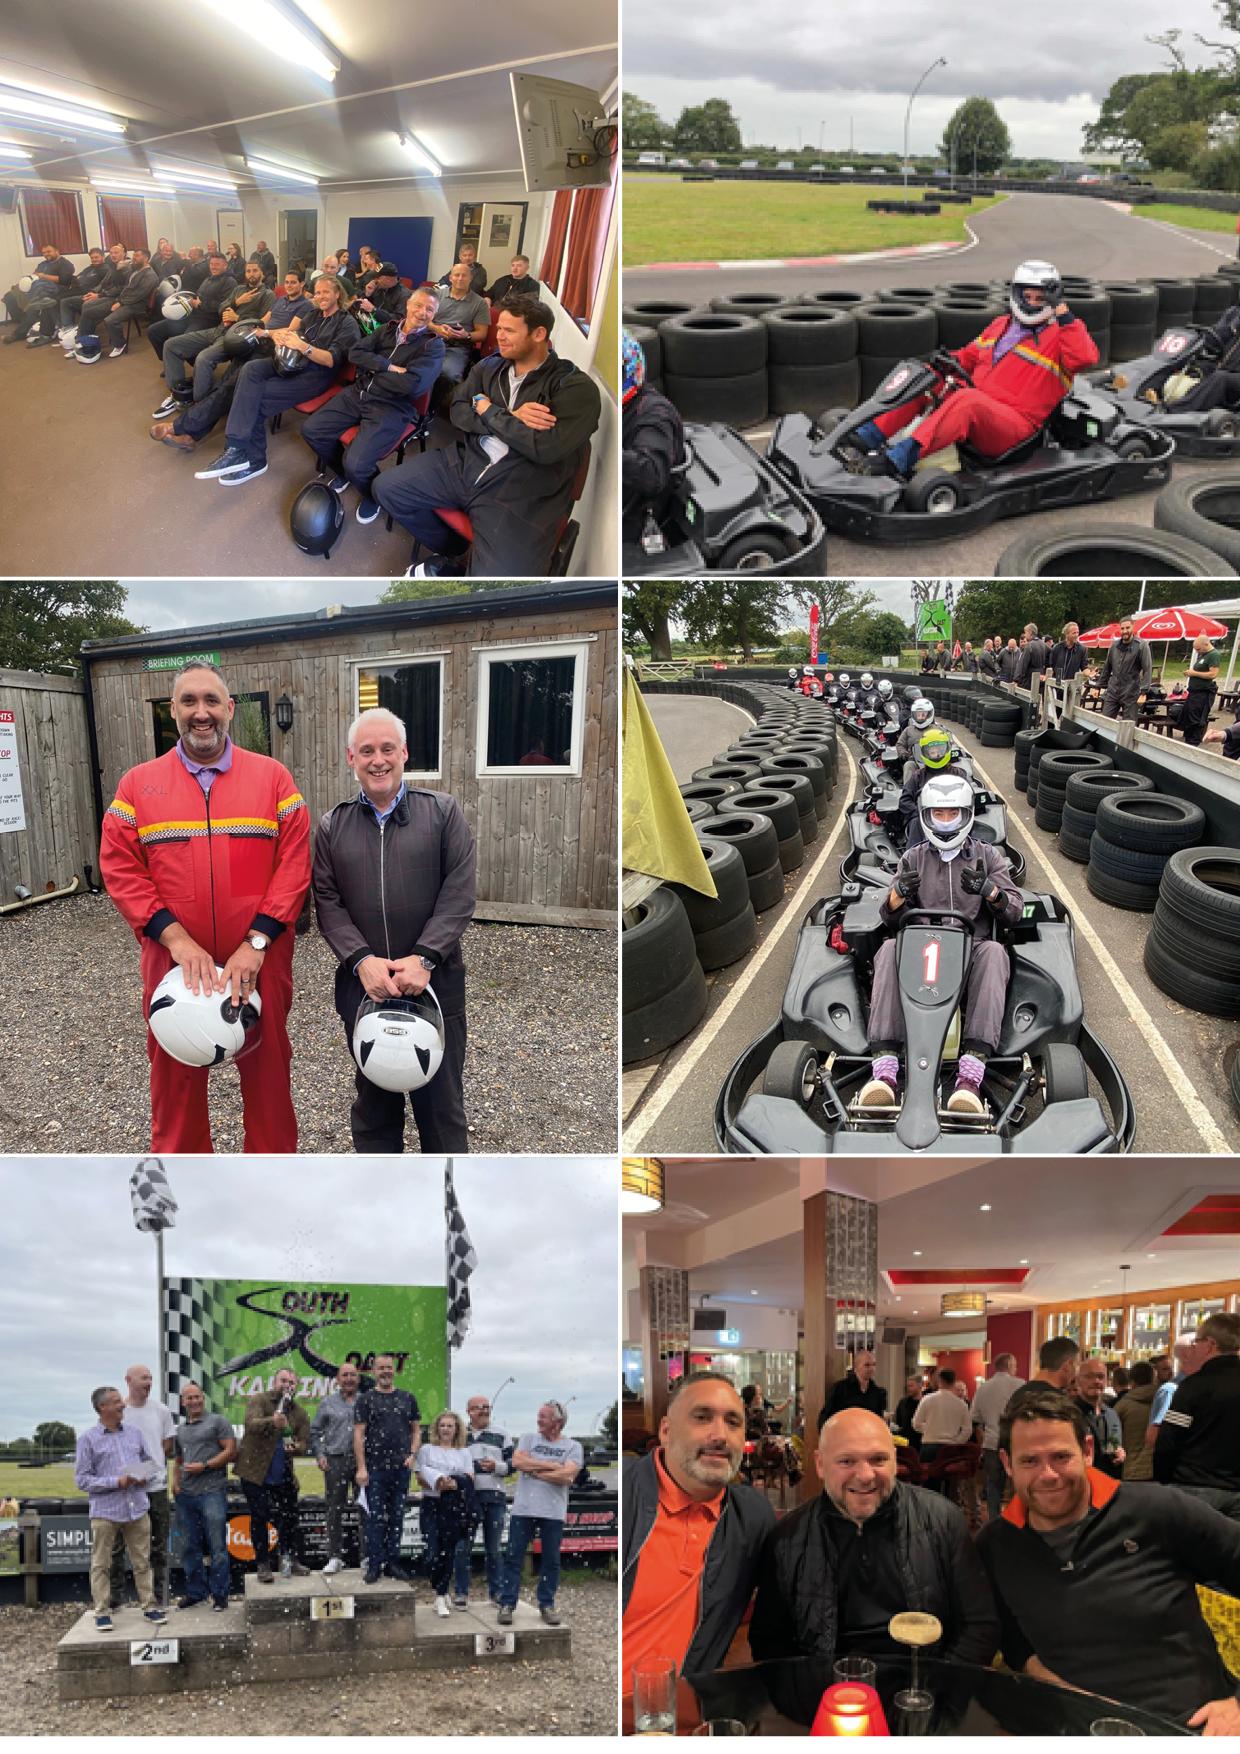 Southcoast Karting Customer Event